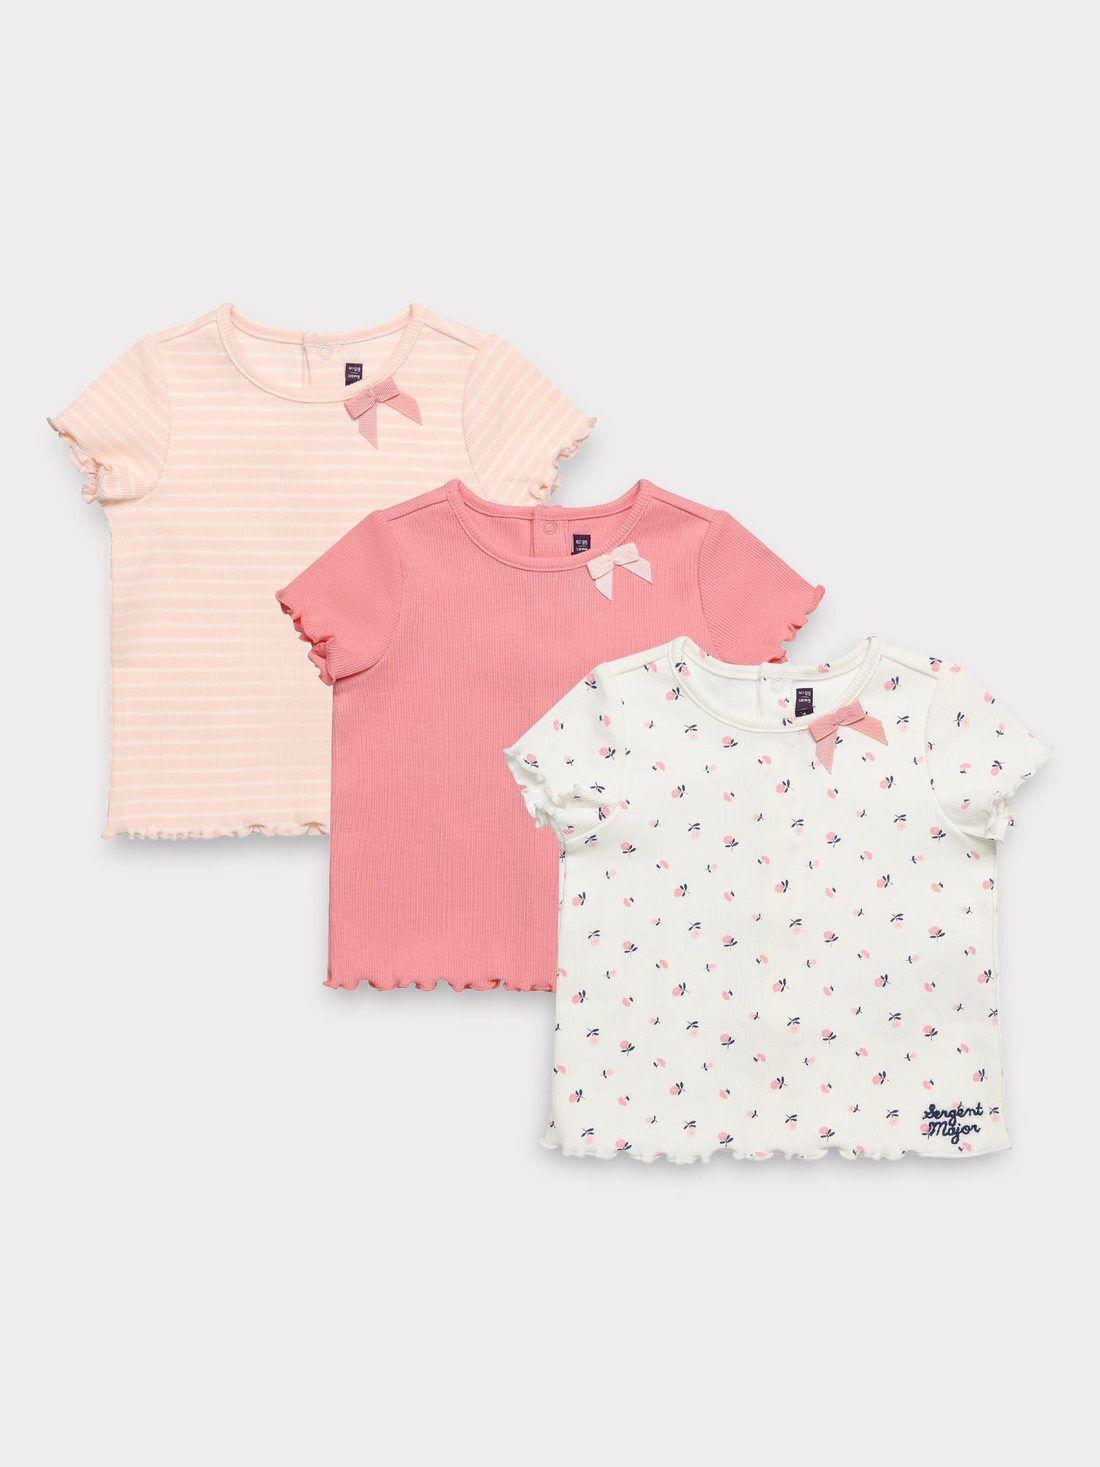 Lot de 2 fille bébé à manches longues tops 2-24 mois 100/% coton épaule fermeture